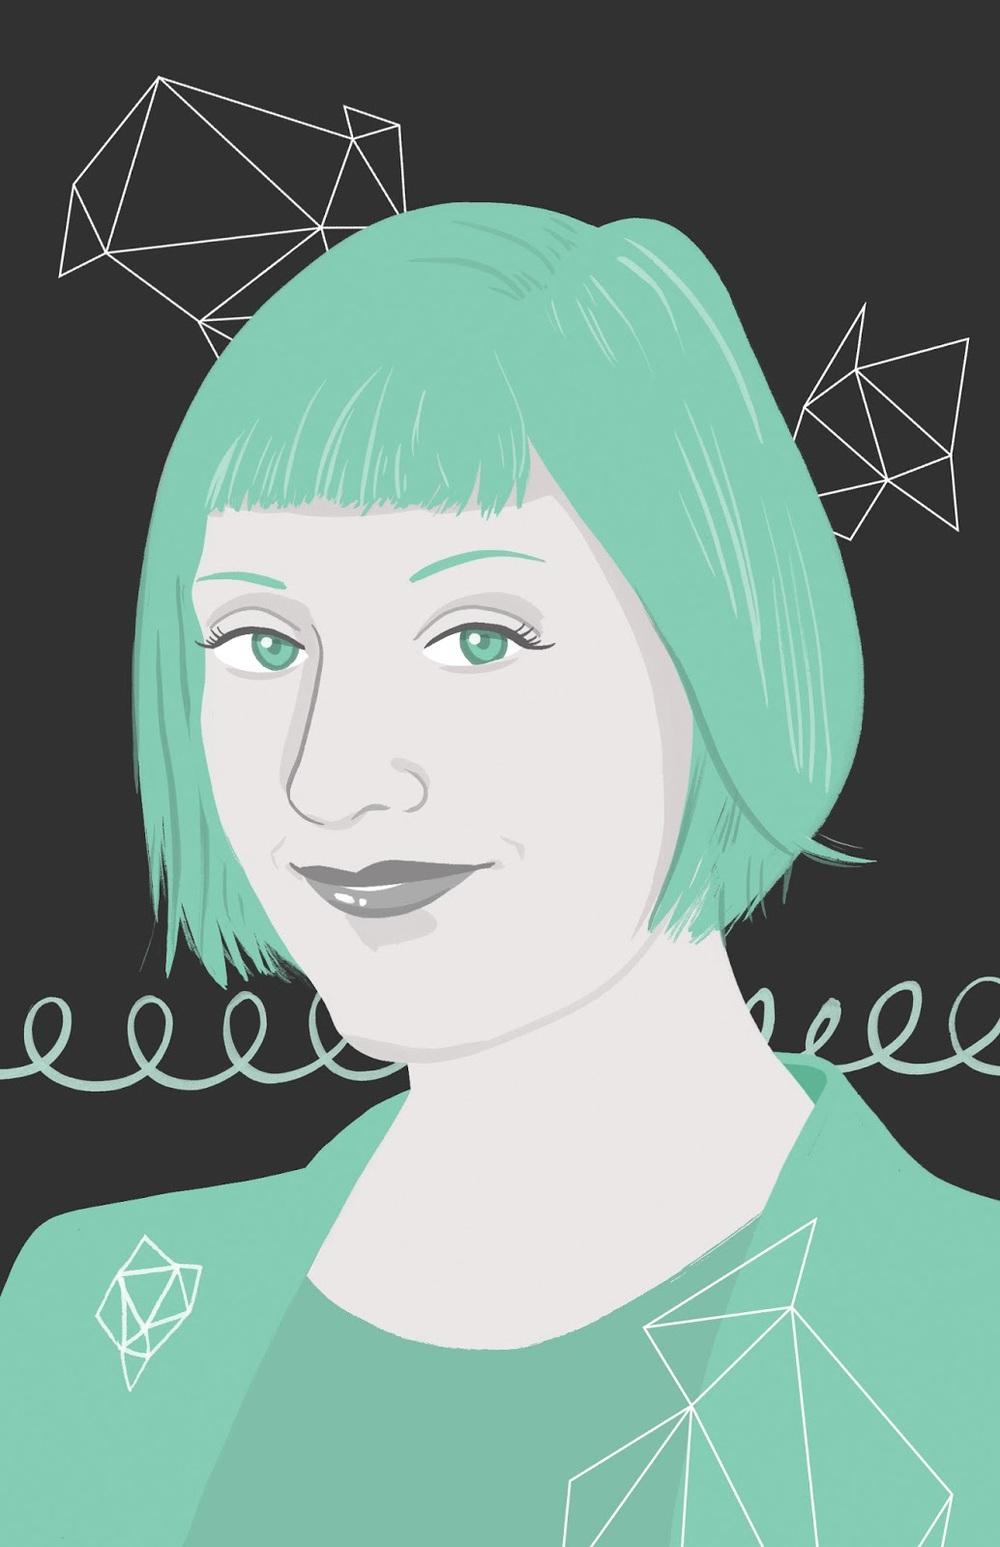 An illustration ofRobin Hunickefor Women's Work